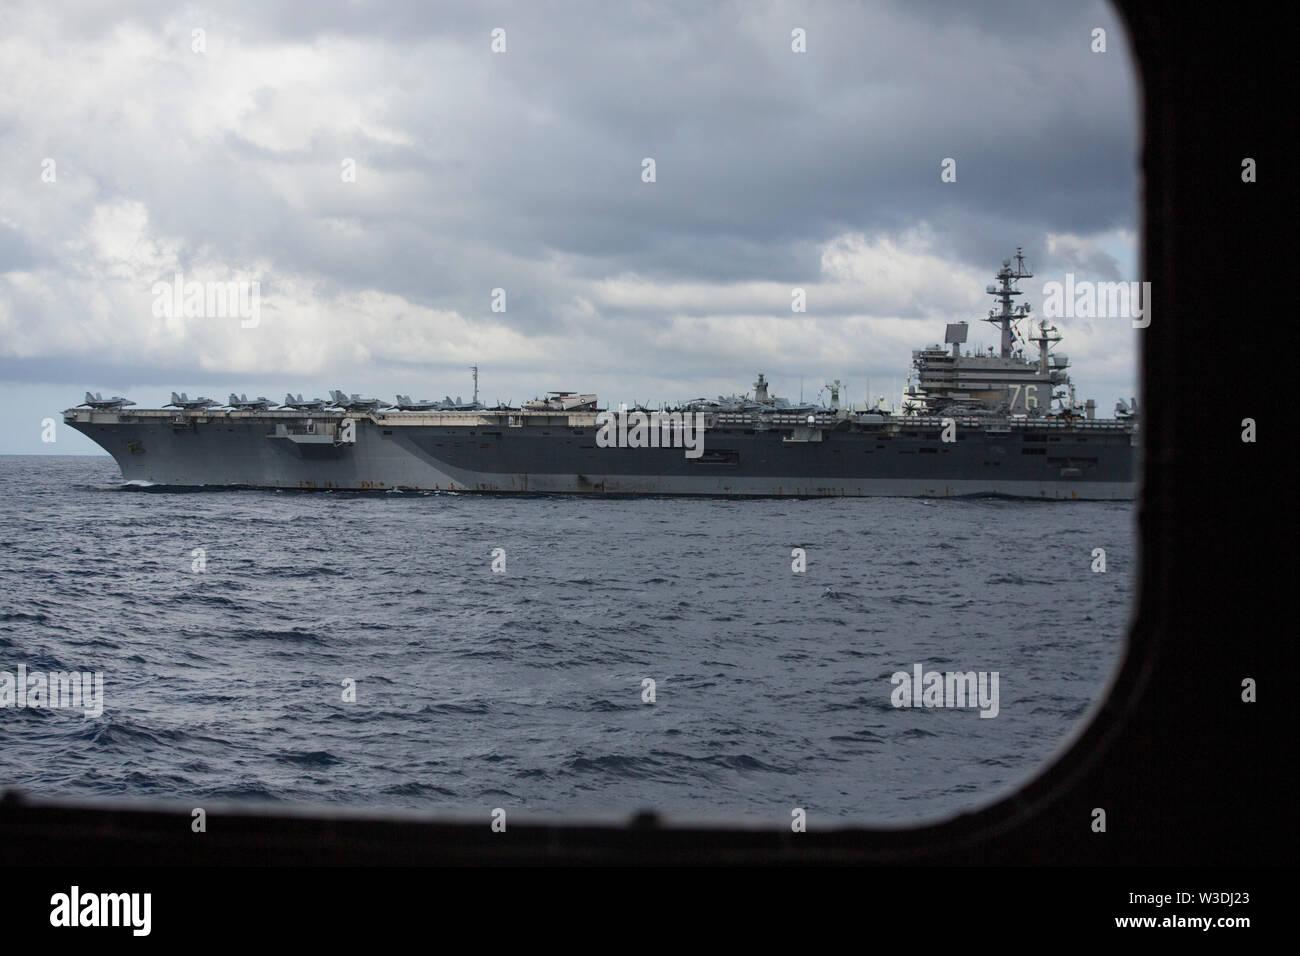 Der Nimitz-Klasse Flugzeugträger USS Ronald Reagan (CVN 76) die Durchfuhr durch die Tasmanische See, die sich in der Ausbildung neben den Amphibisches Schiff USS Wasp (LL 1), Juli 11, 2019 als Teil der Talisman Sabre 2019. Wasp, Flaggschiff der Wasp Expeditionary Strike Group, mit Eingeschifft 31 MEU, nimmt derzeit an Talisman Sabre 2019 vor der Küste im Norden von Australien. Eine bilaterale, Biennale, Talisman Sabre ist für US-amerikanische und australische Combat Training, Bereitschaft und Interoperabilität durch realistische, einschlägige Ausbildung notwendig, regionale Sicherheit, Friedens- und Sta zu erhalten zu verbessern. Stockbild